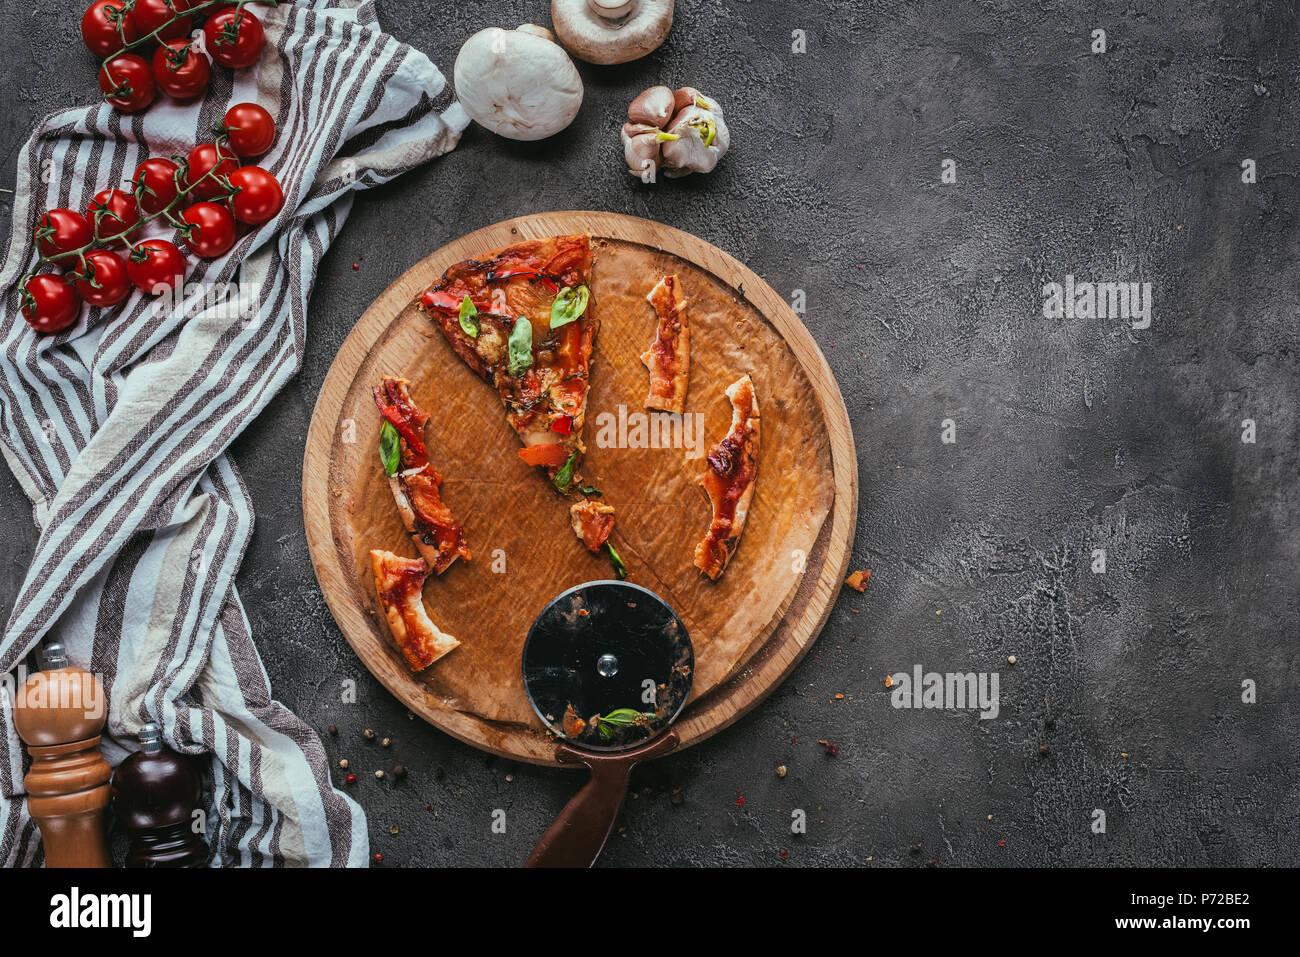 Vista superior de pedazos de comer pizza con cortador de hormigón tabla Imagen De Stock